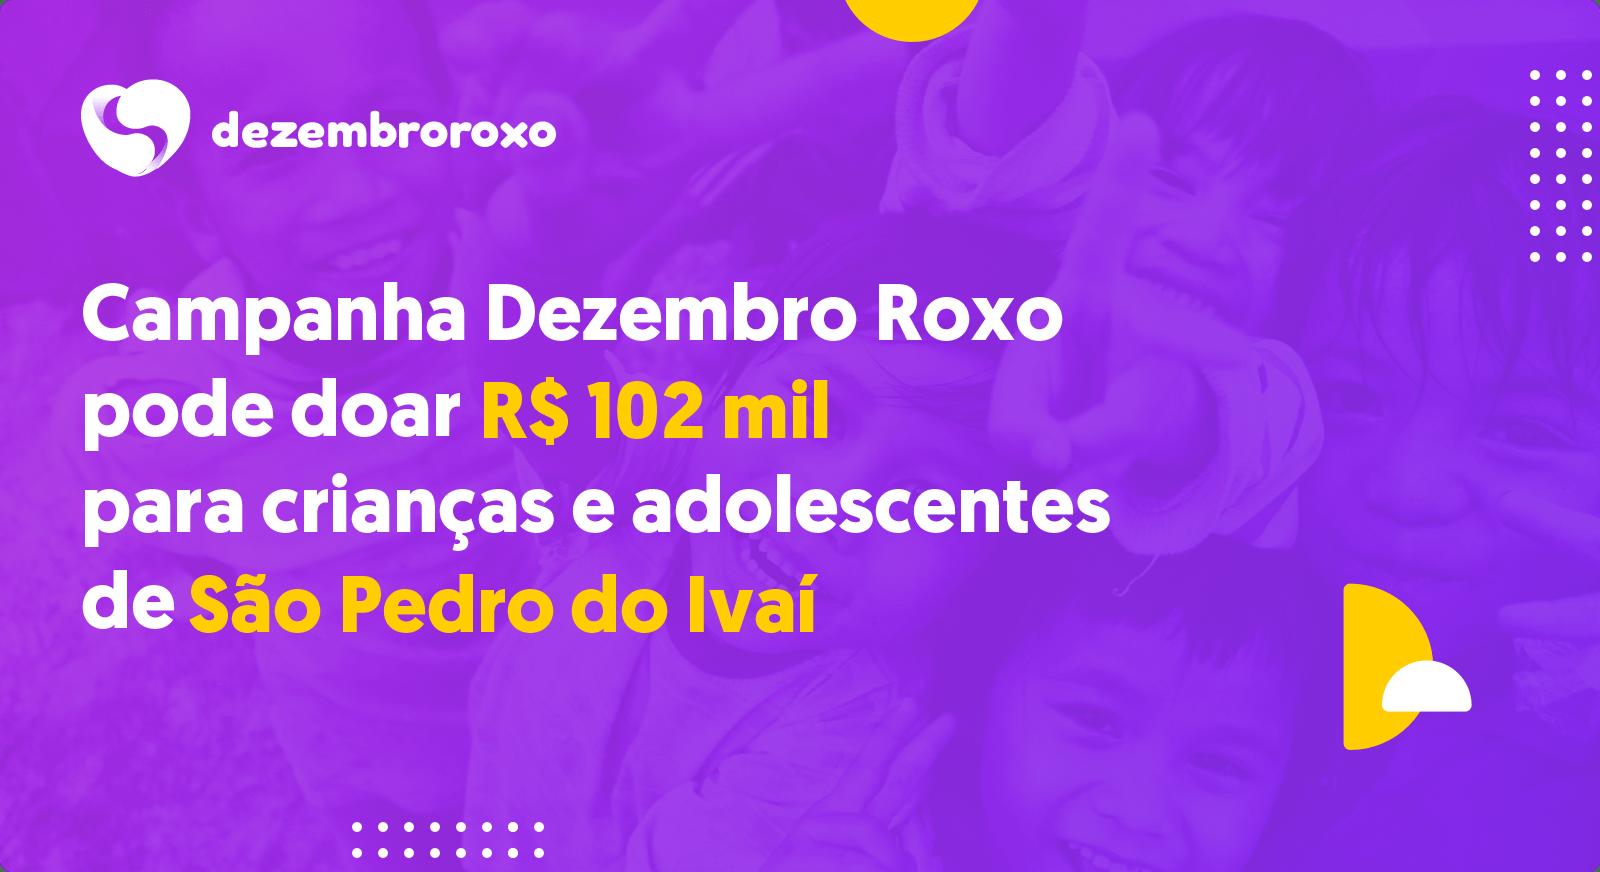 Doações em São Pedro do Ivaí - PR